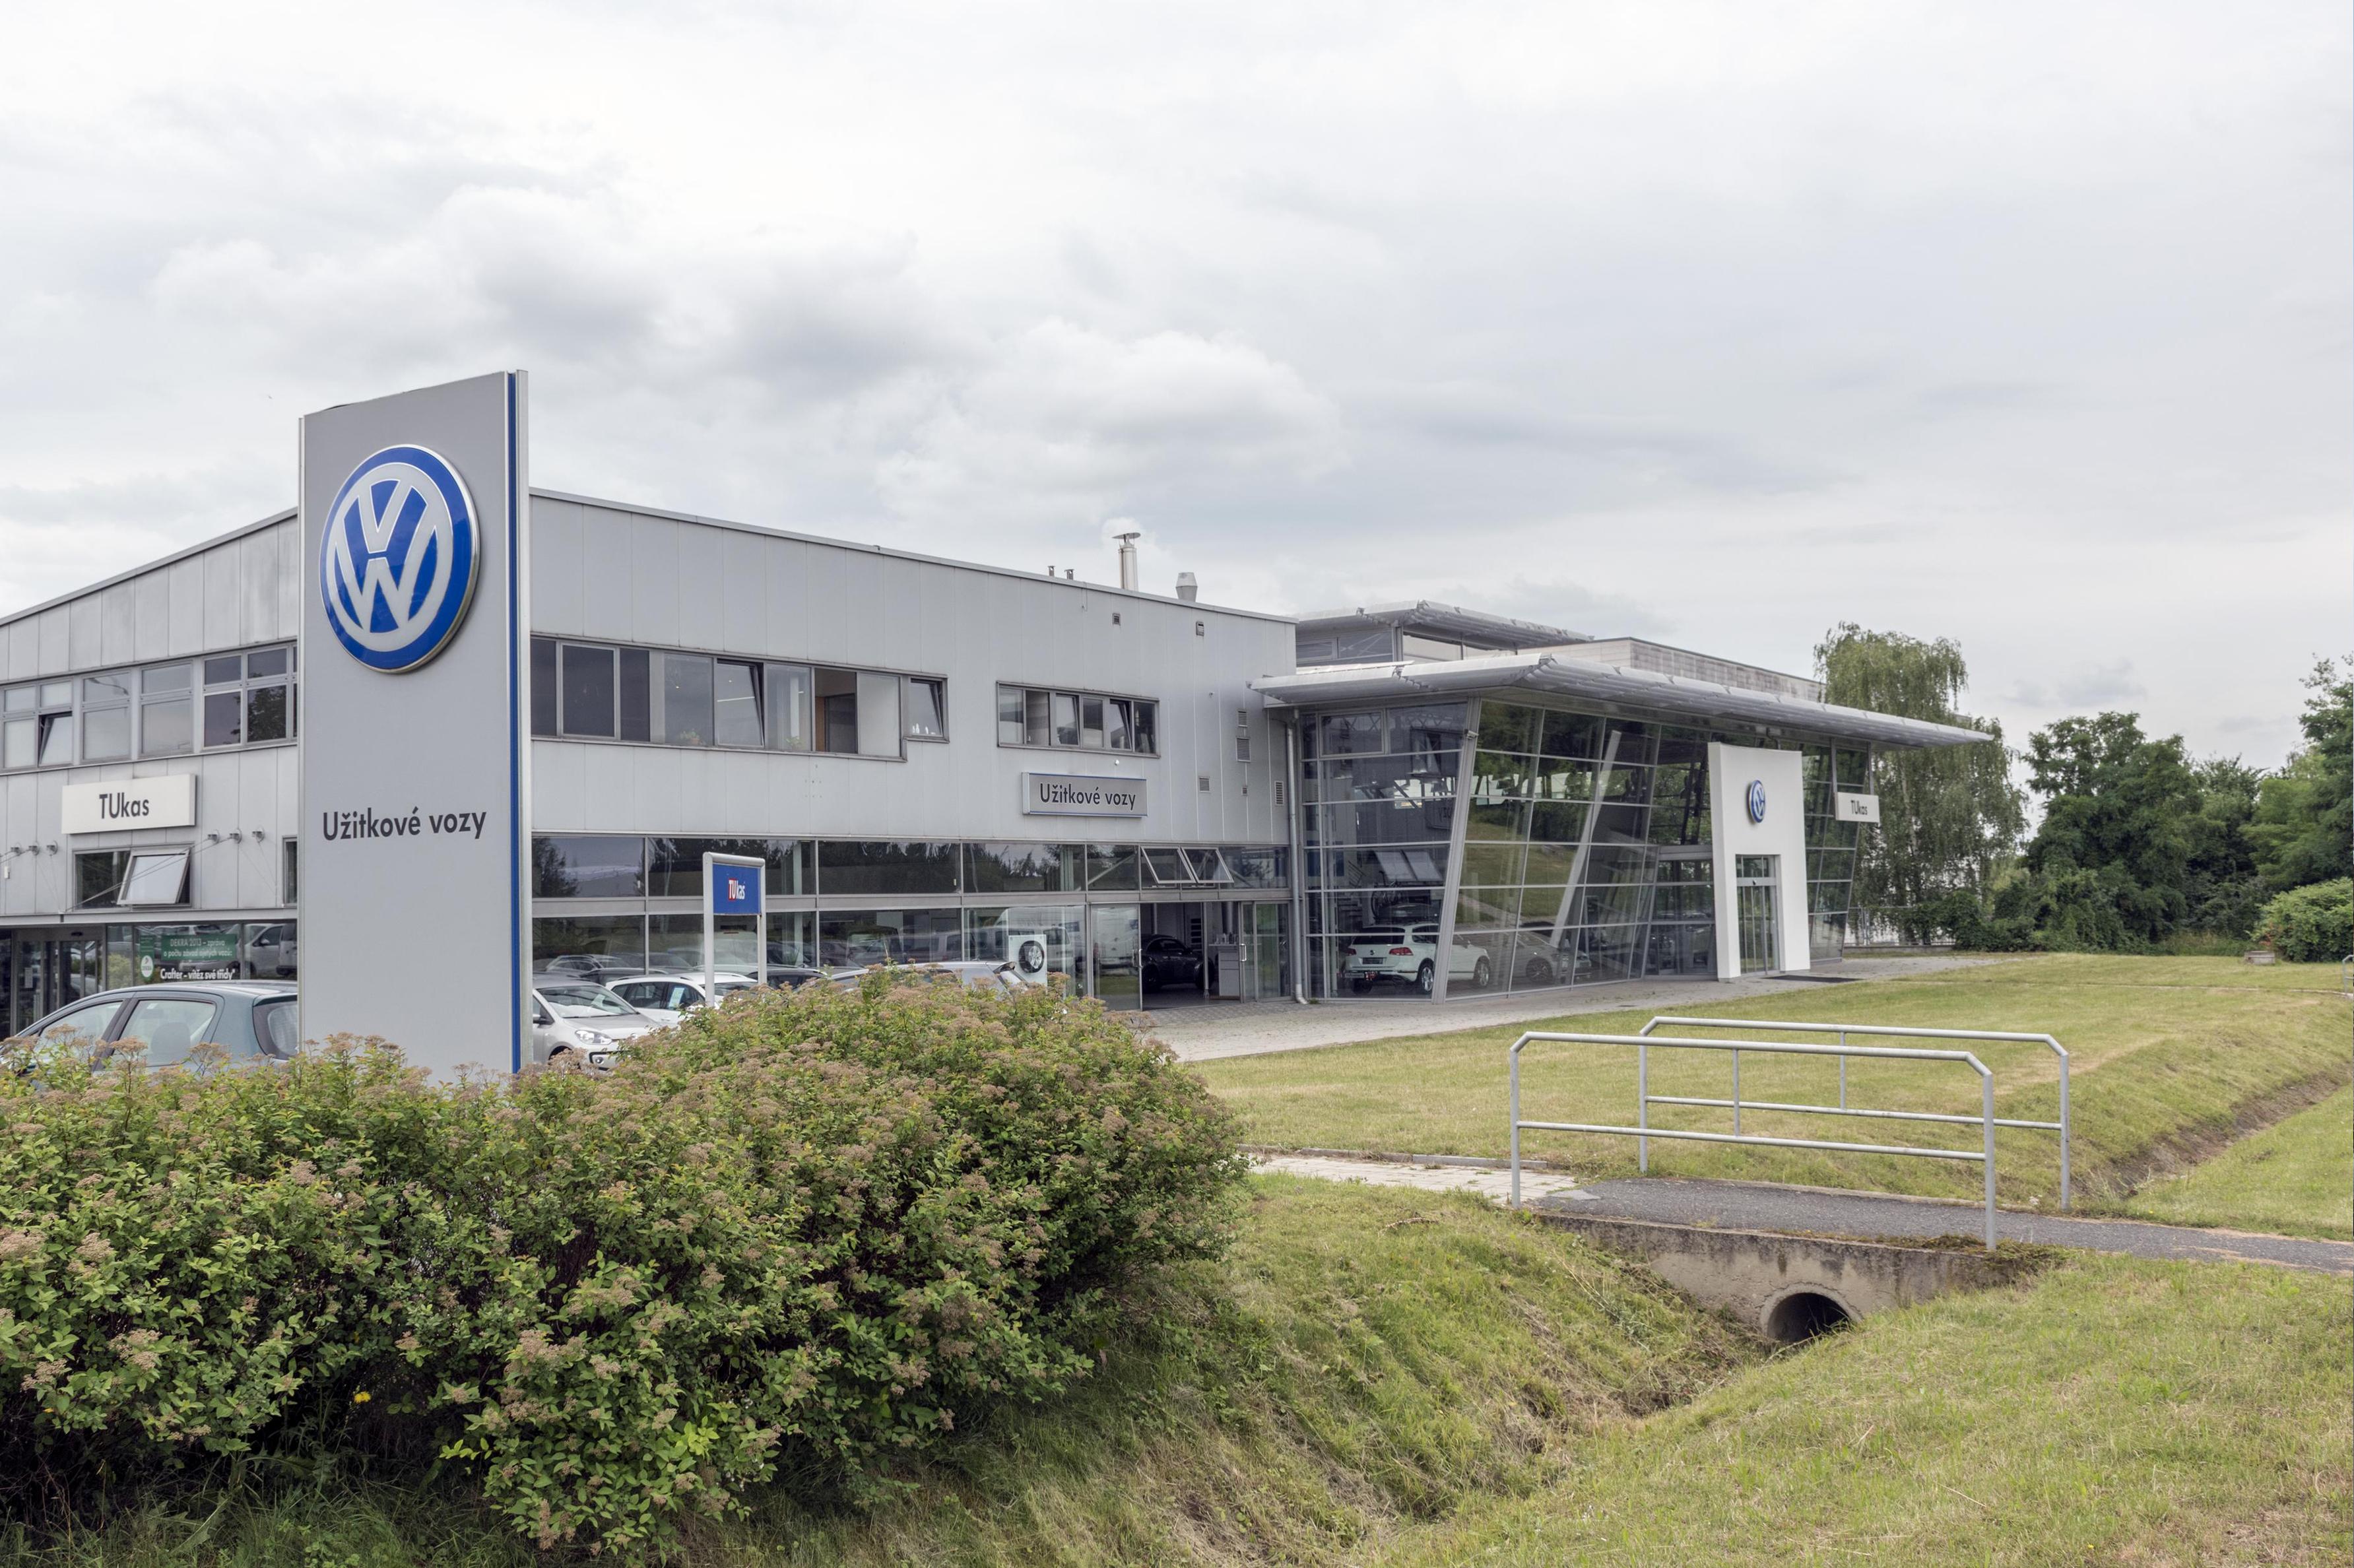 Prodejce užitkových vozů Volkswagen